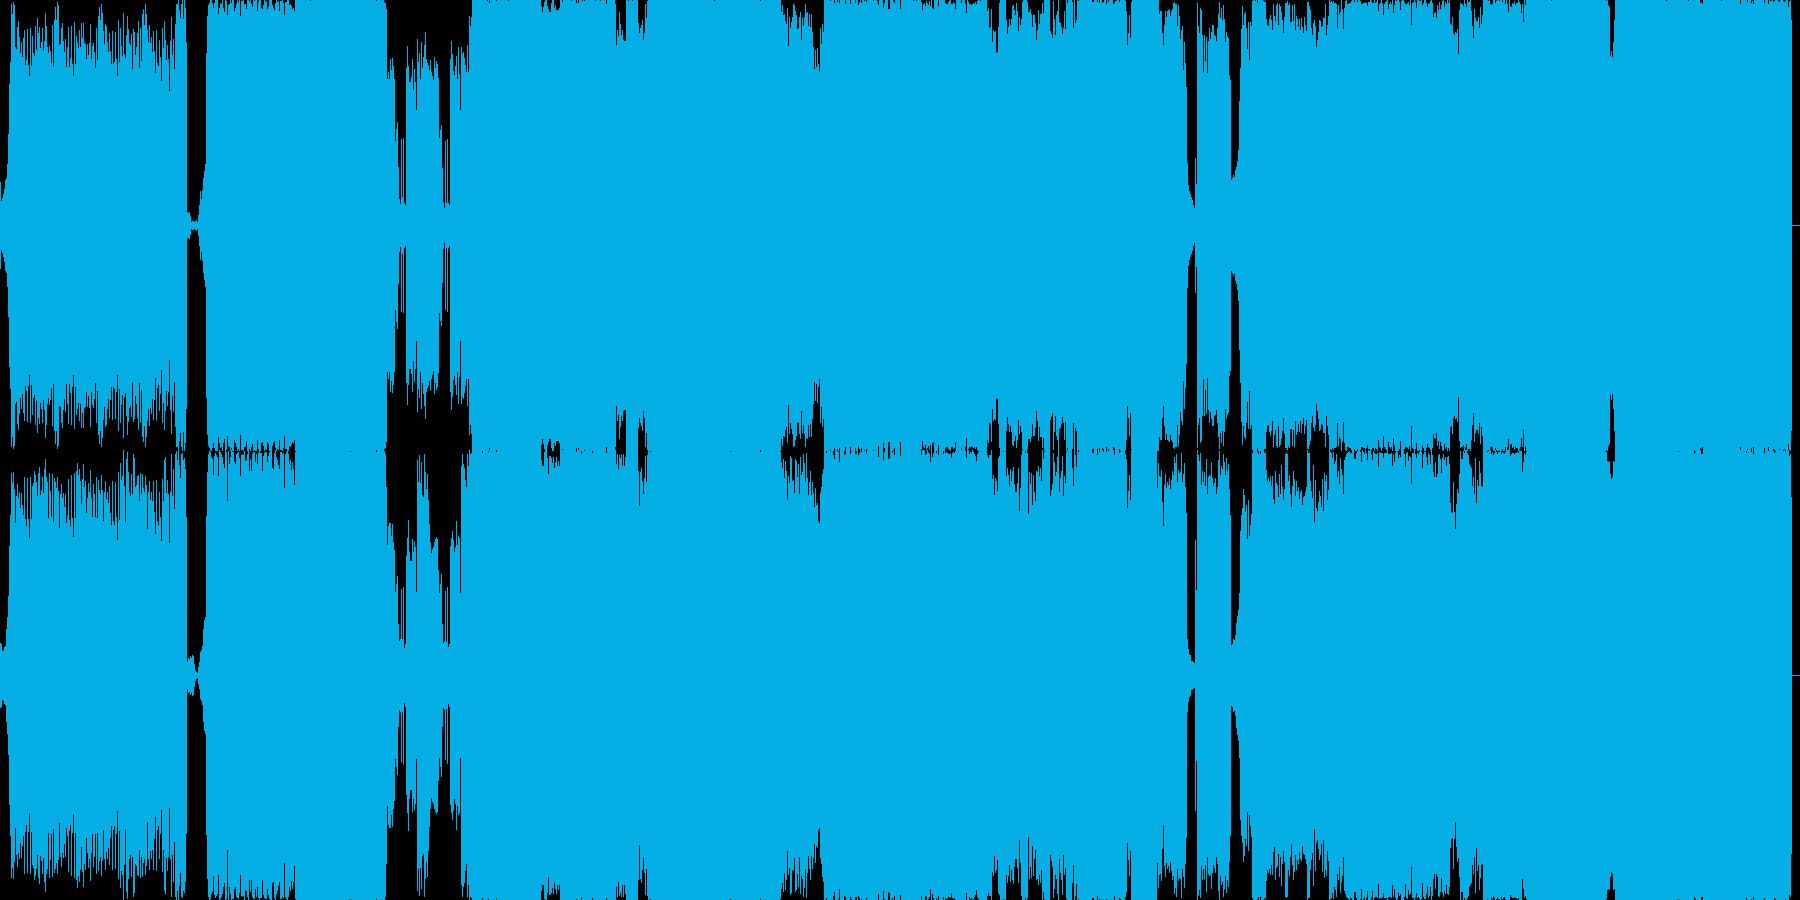 ハードブレイクビーツ/ハードコア/...の再生済みの波形